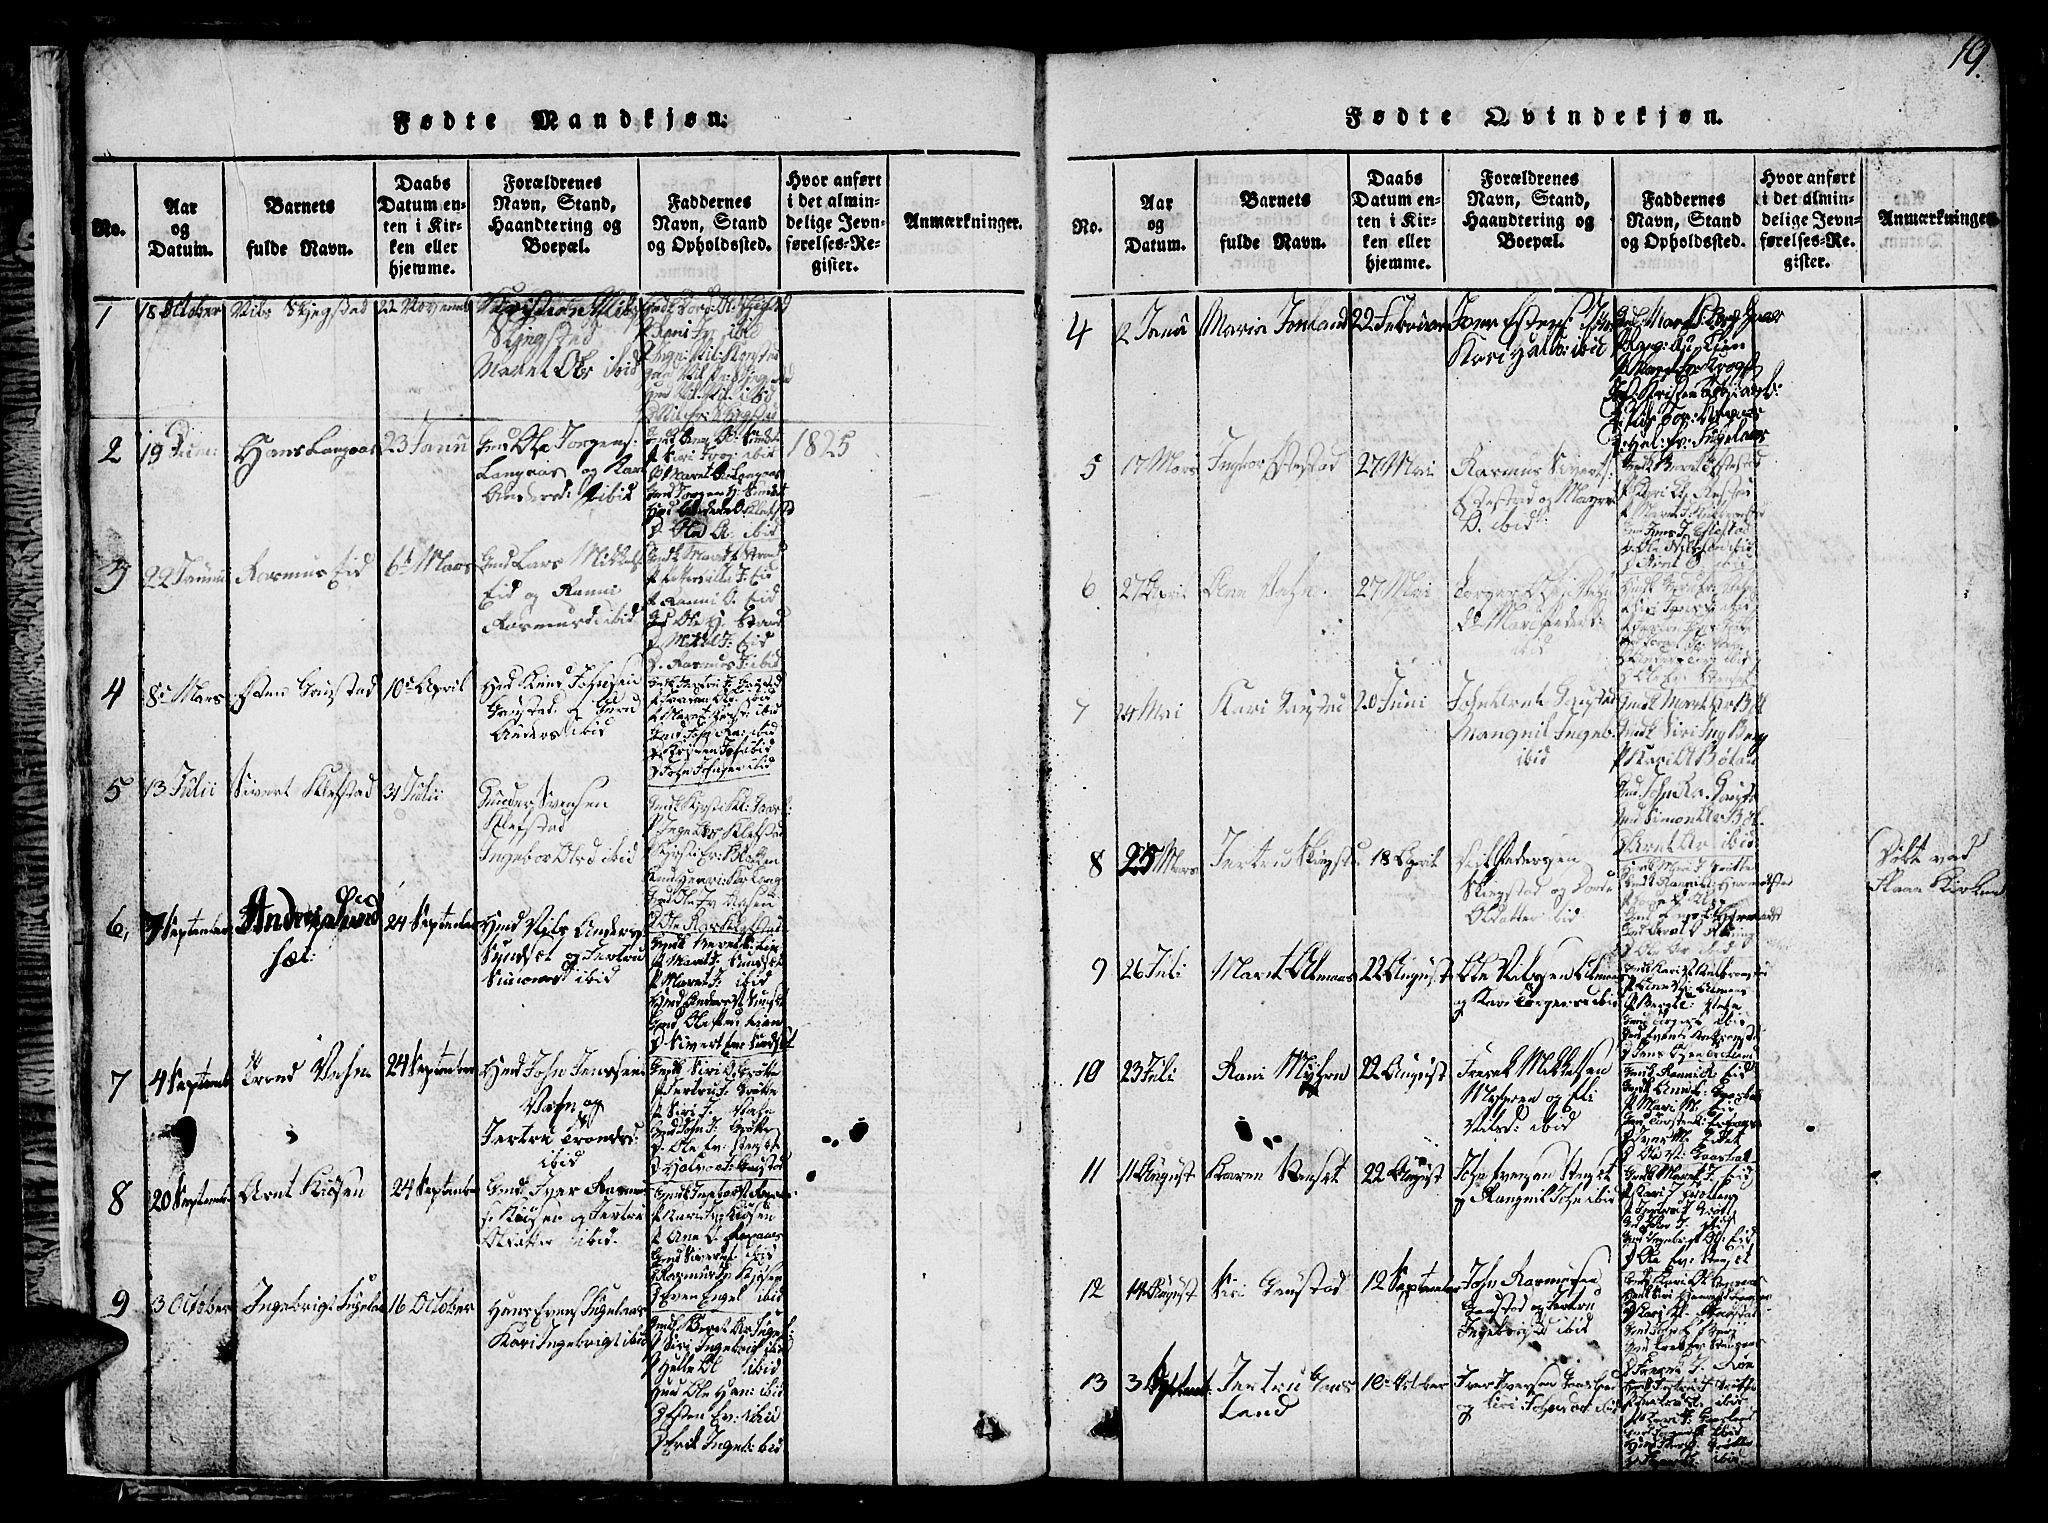 SAT, Ministerialprotokoller, klokkerbøker og fødselsregistre - Sør-Trøndelag, 694/L1130: Klokkerbok nr. 694C02, 1816-1857, s. 19